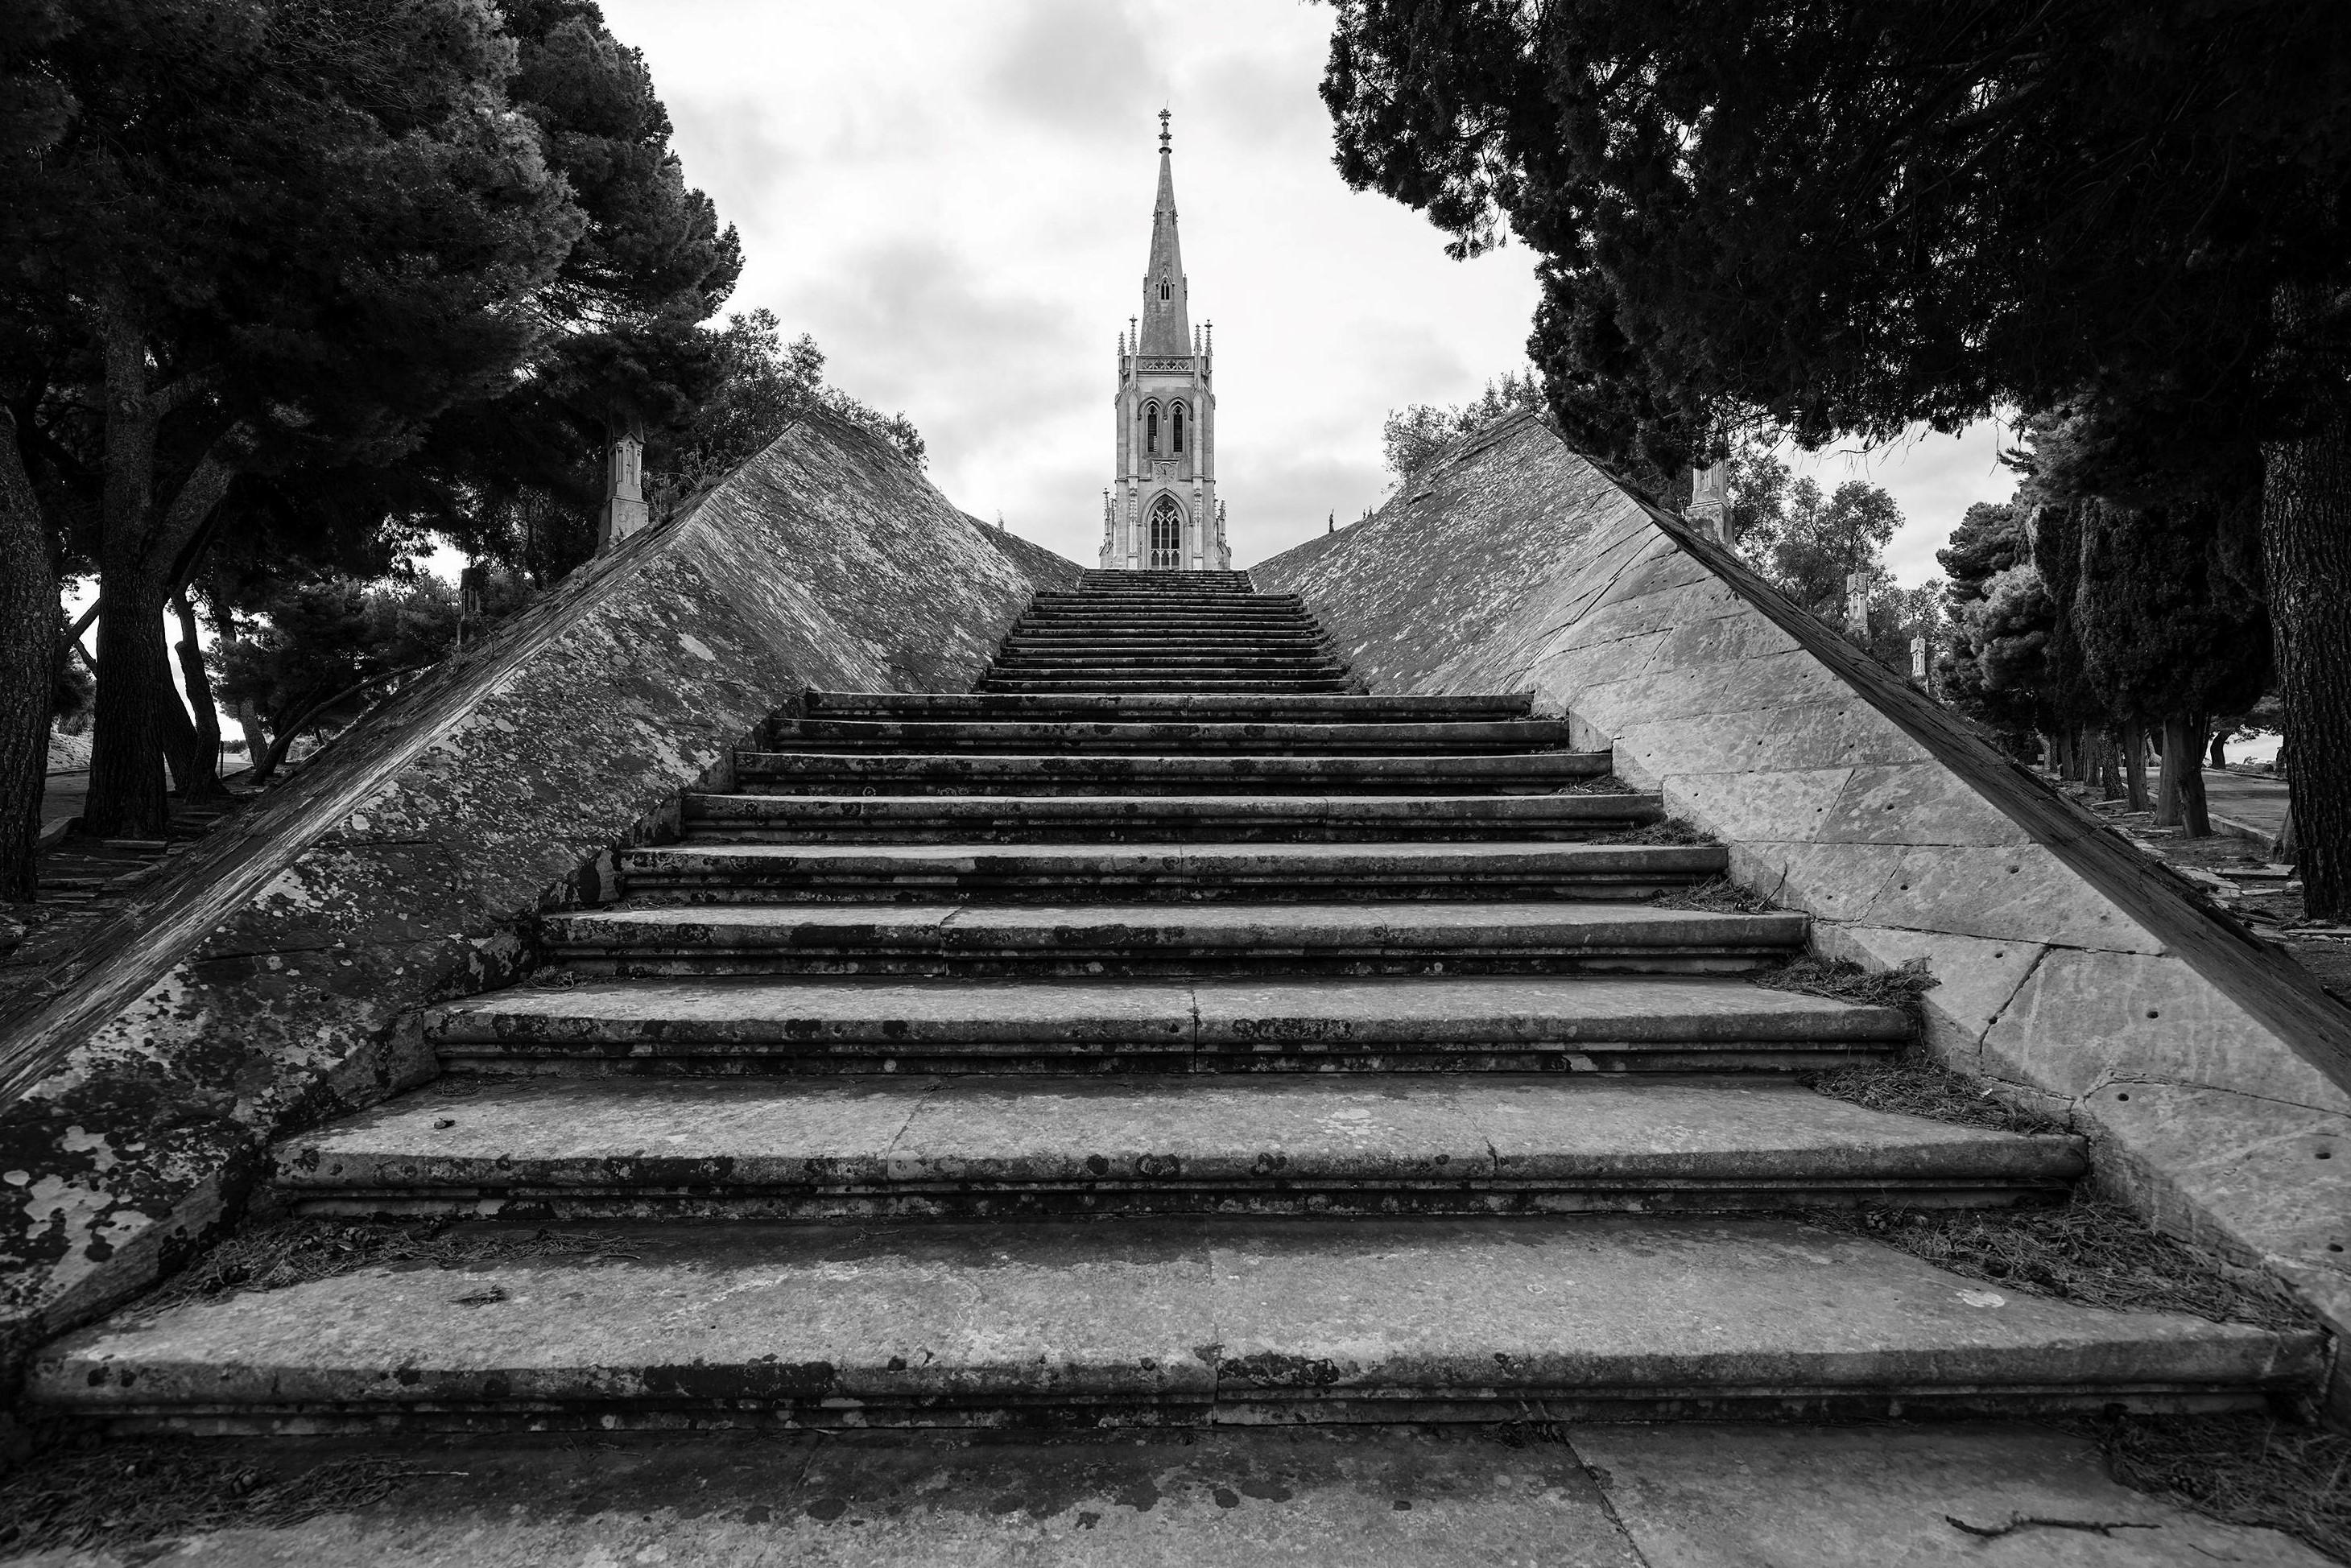 The Addolorata Cemetery: Malta's Monument to its Dead